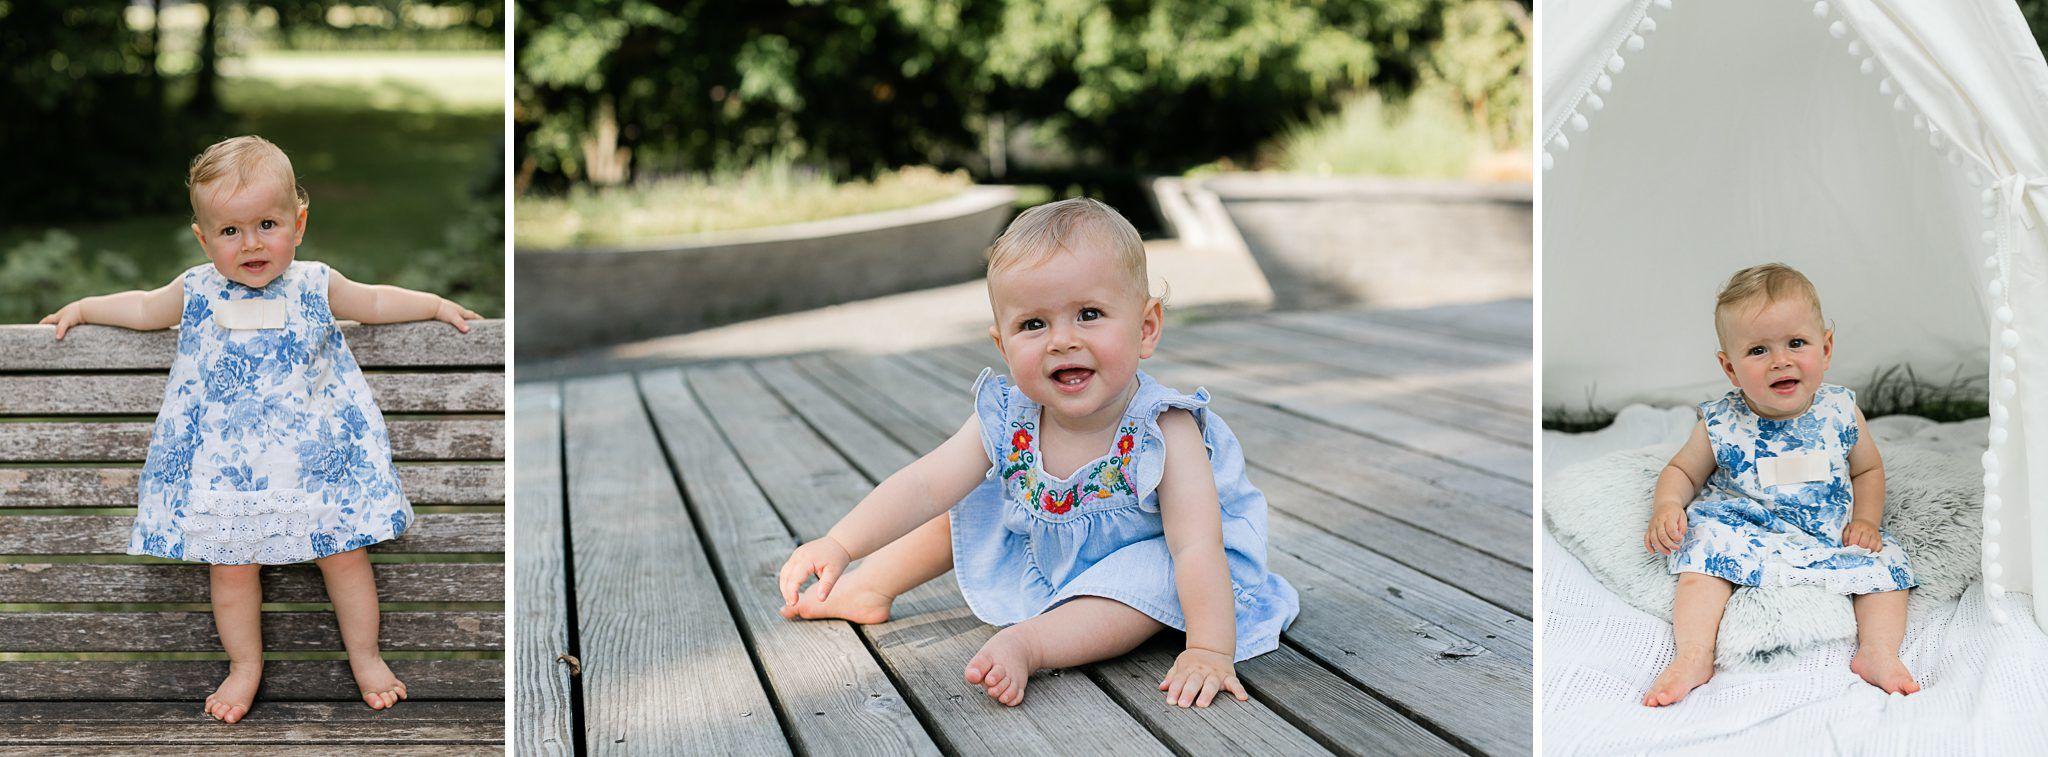 Nicole Hafner Fotografie Öhringen, Natürliche Familienfotos - Baby und Kind